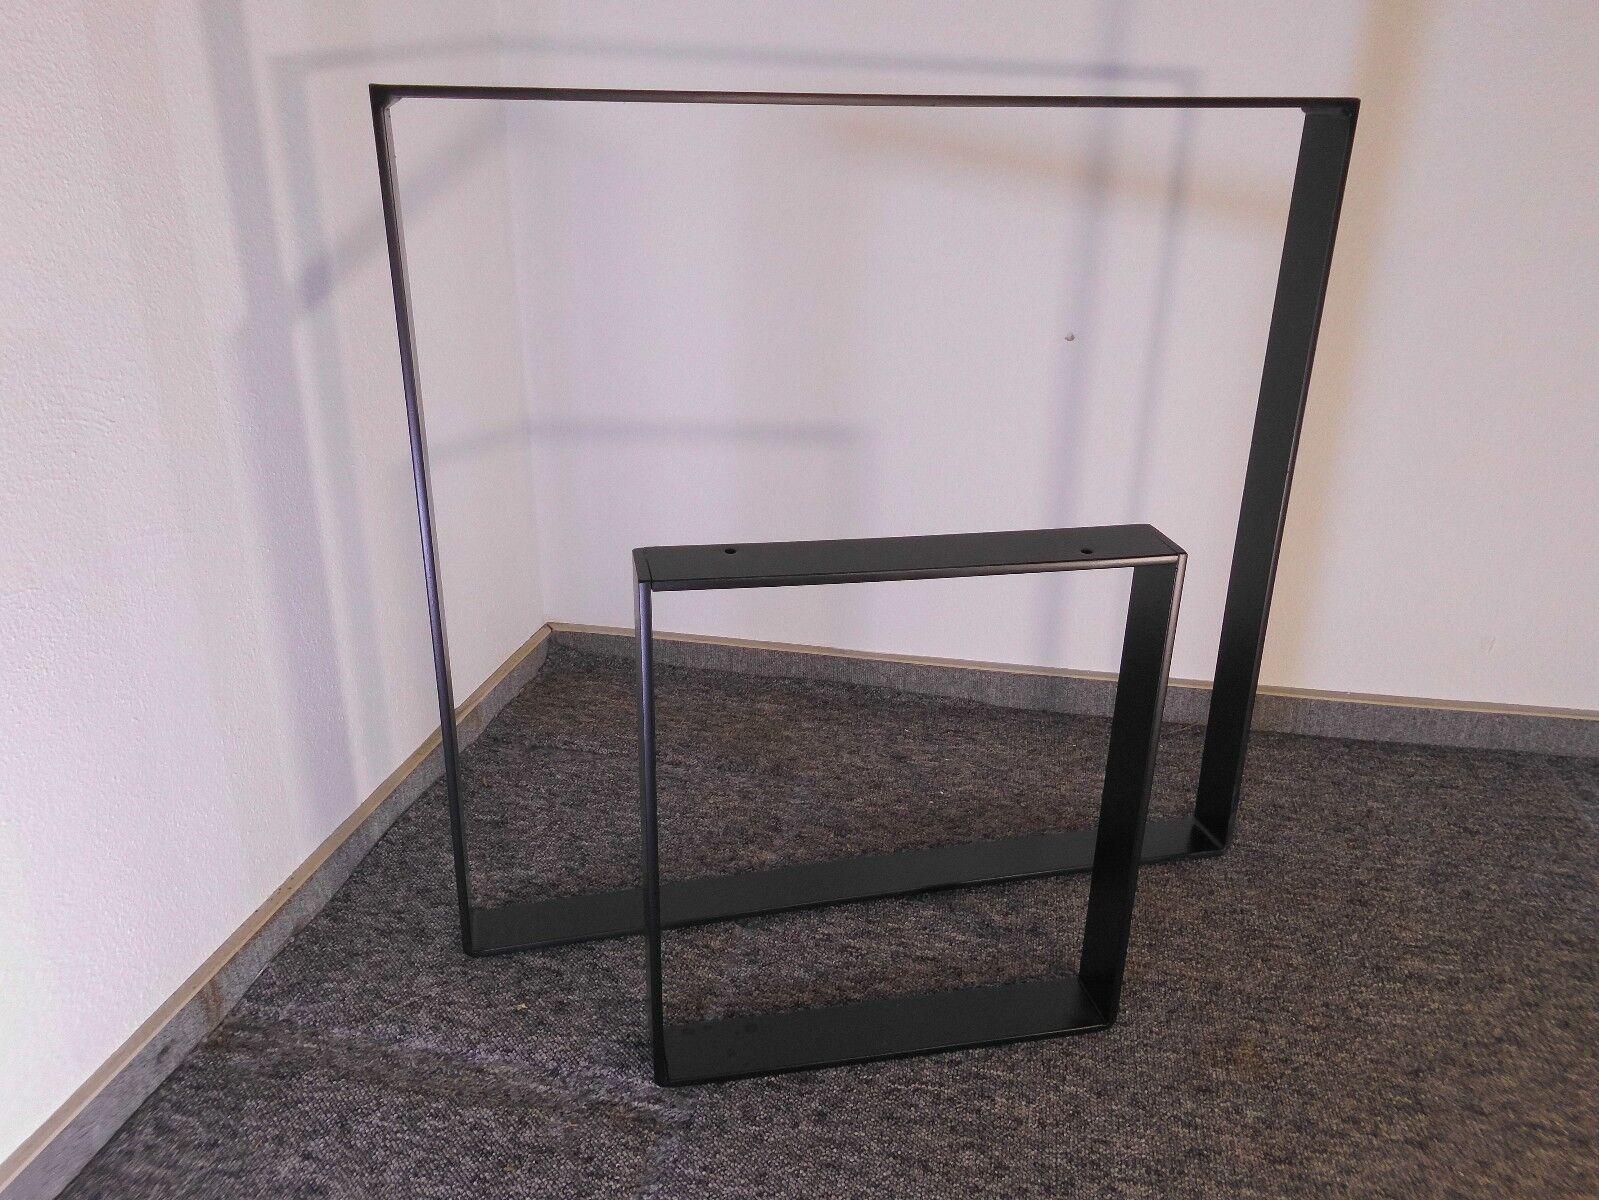 Tischkufen Tischgestell Tischfuß  Kufengestell schwarz Tischkufen Tischbeine